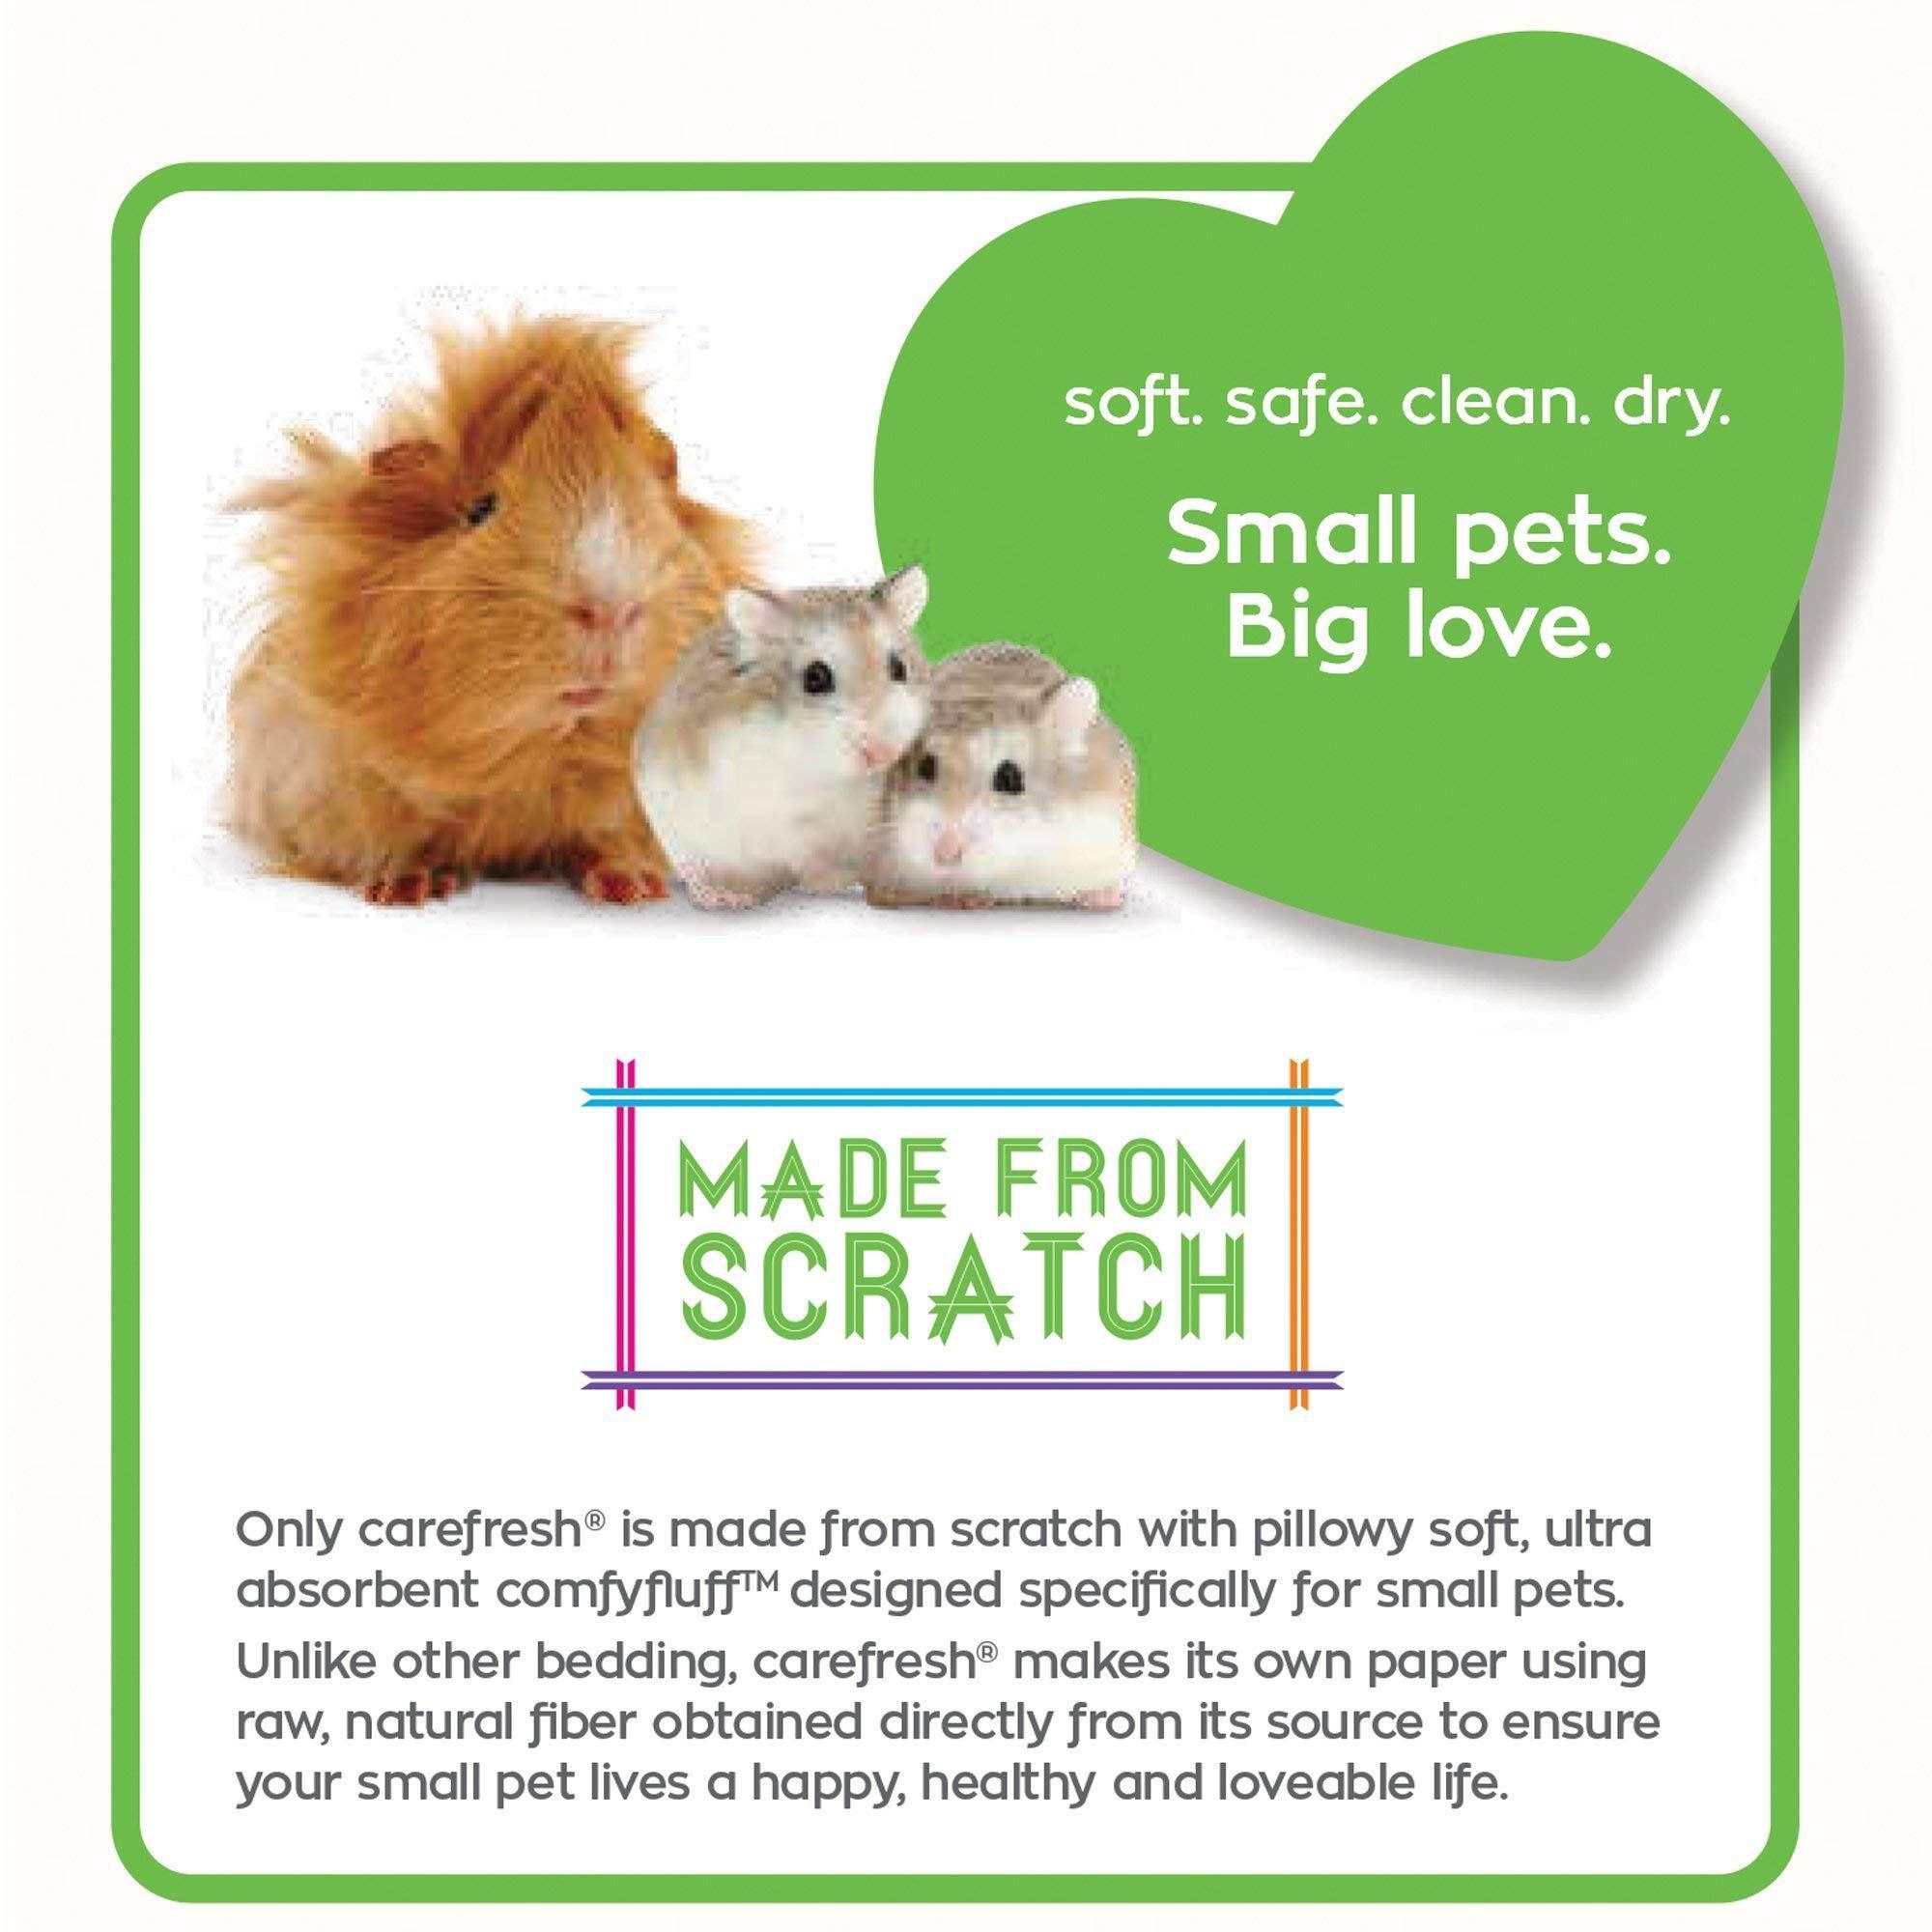 Carefresh Confetti Soft Pet Bedding, Ad Confetti,